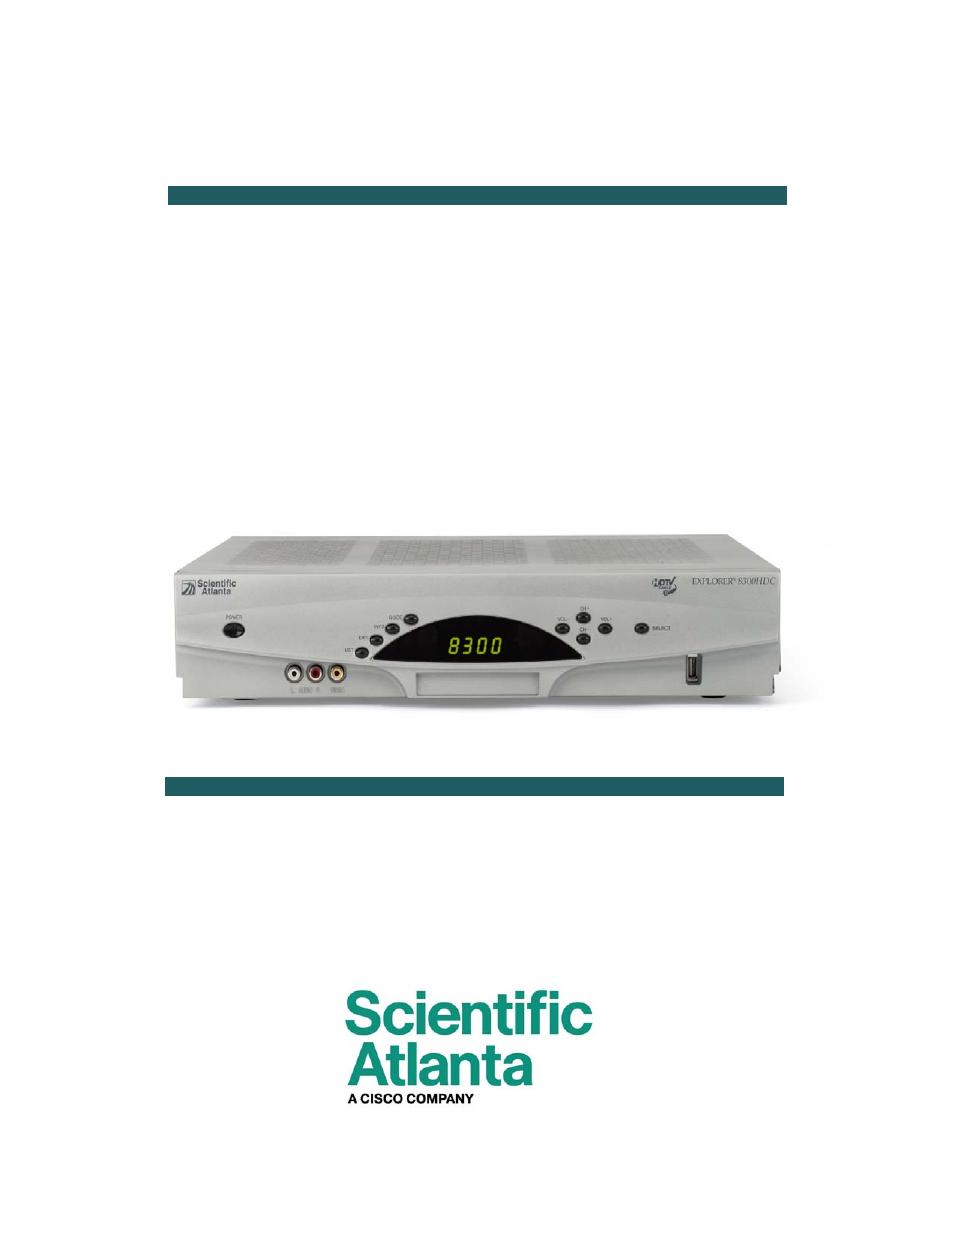 Scientific atlanta explorer 8600 hd user manual.